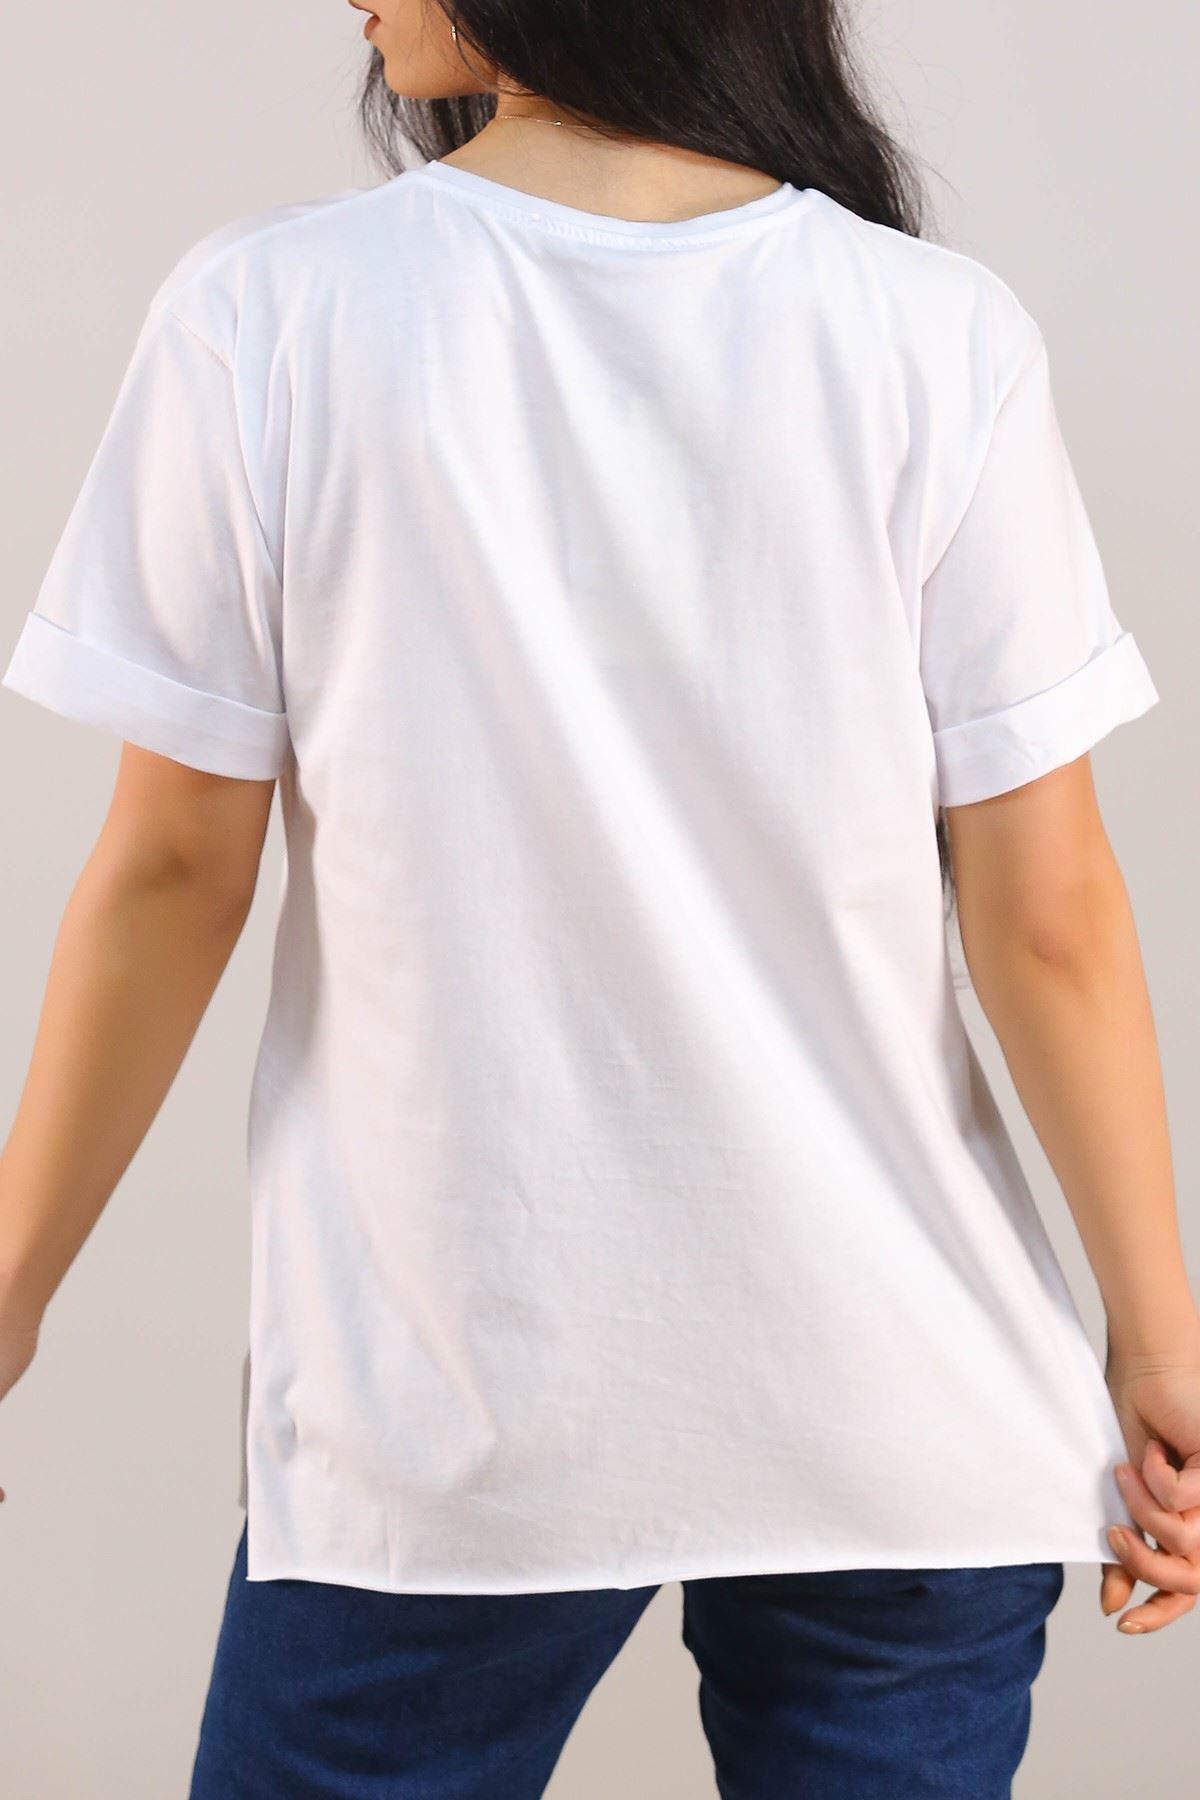 Baskılı Tişört Beyaz - 5078.275.